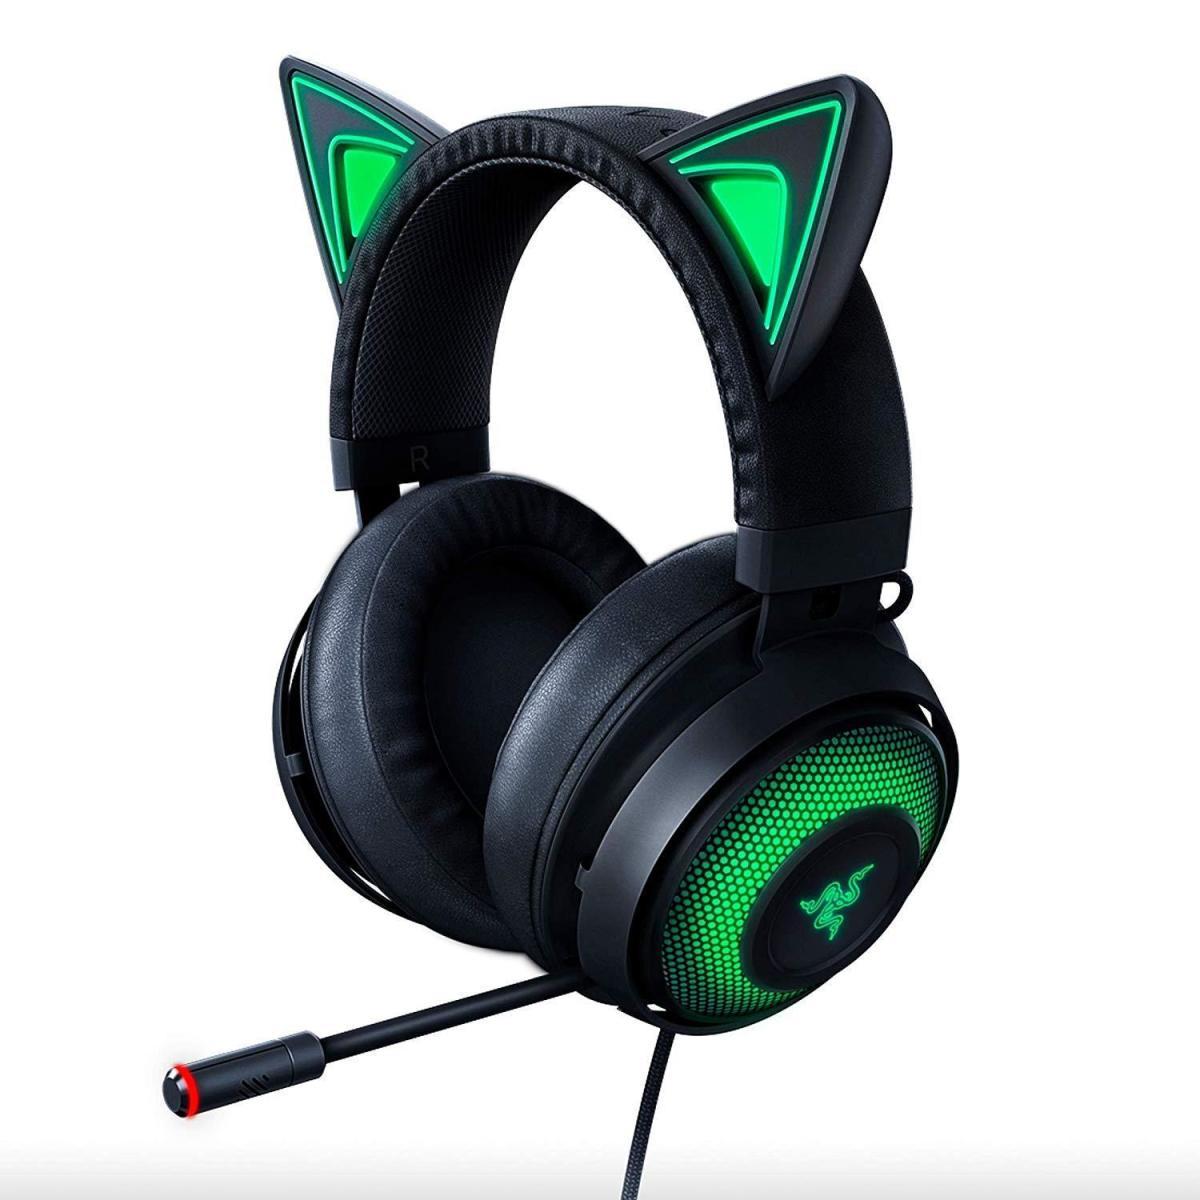 the-review-of-kraken-razer-headset